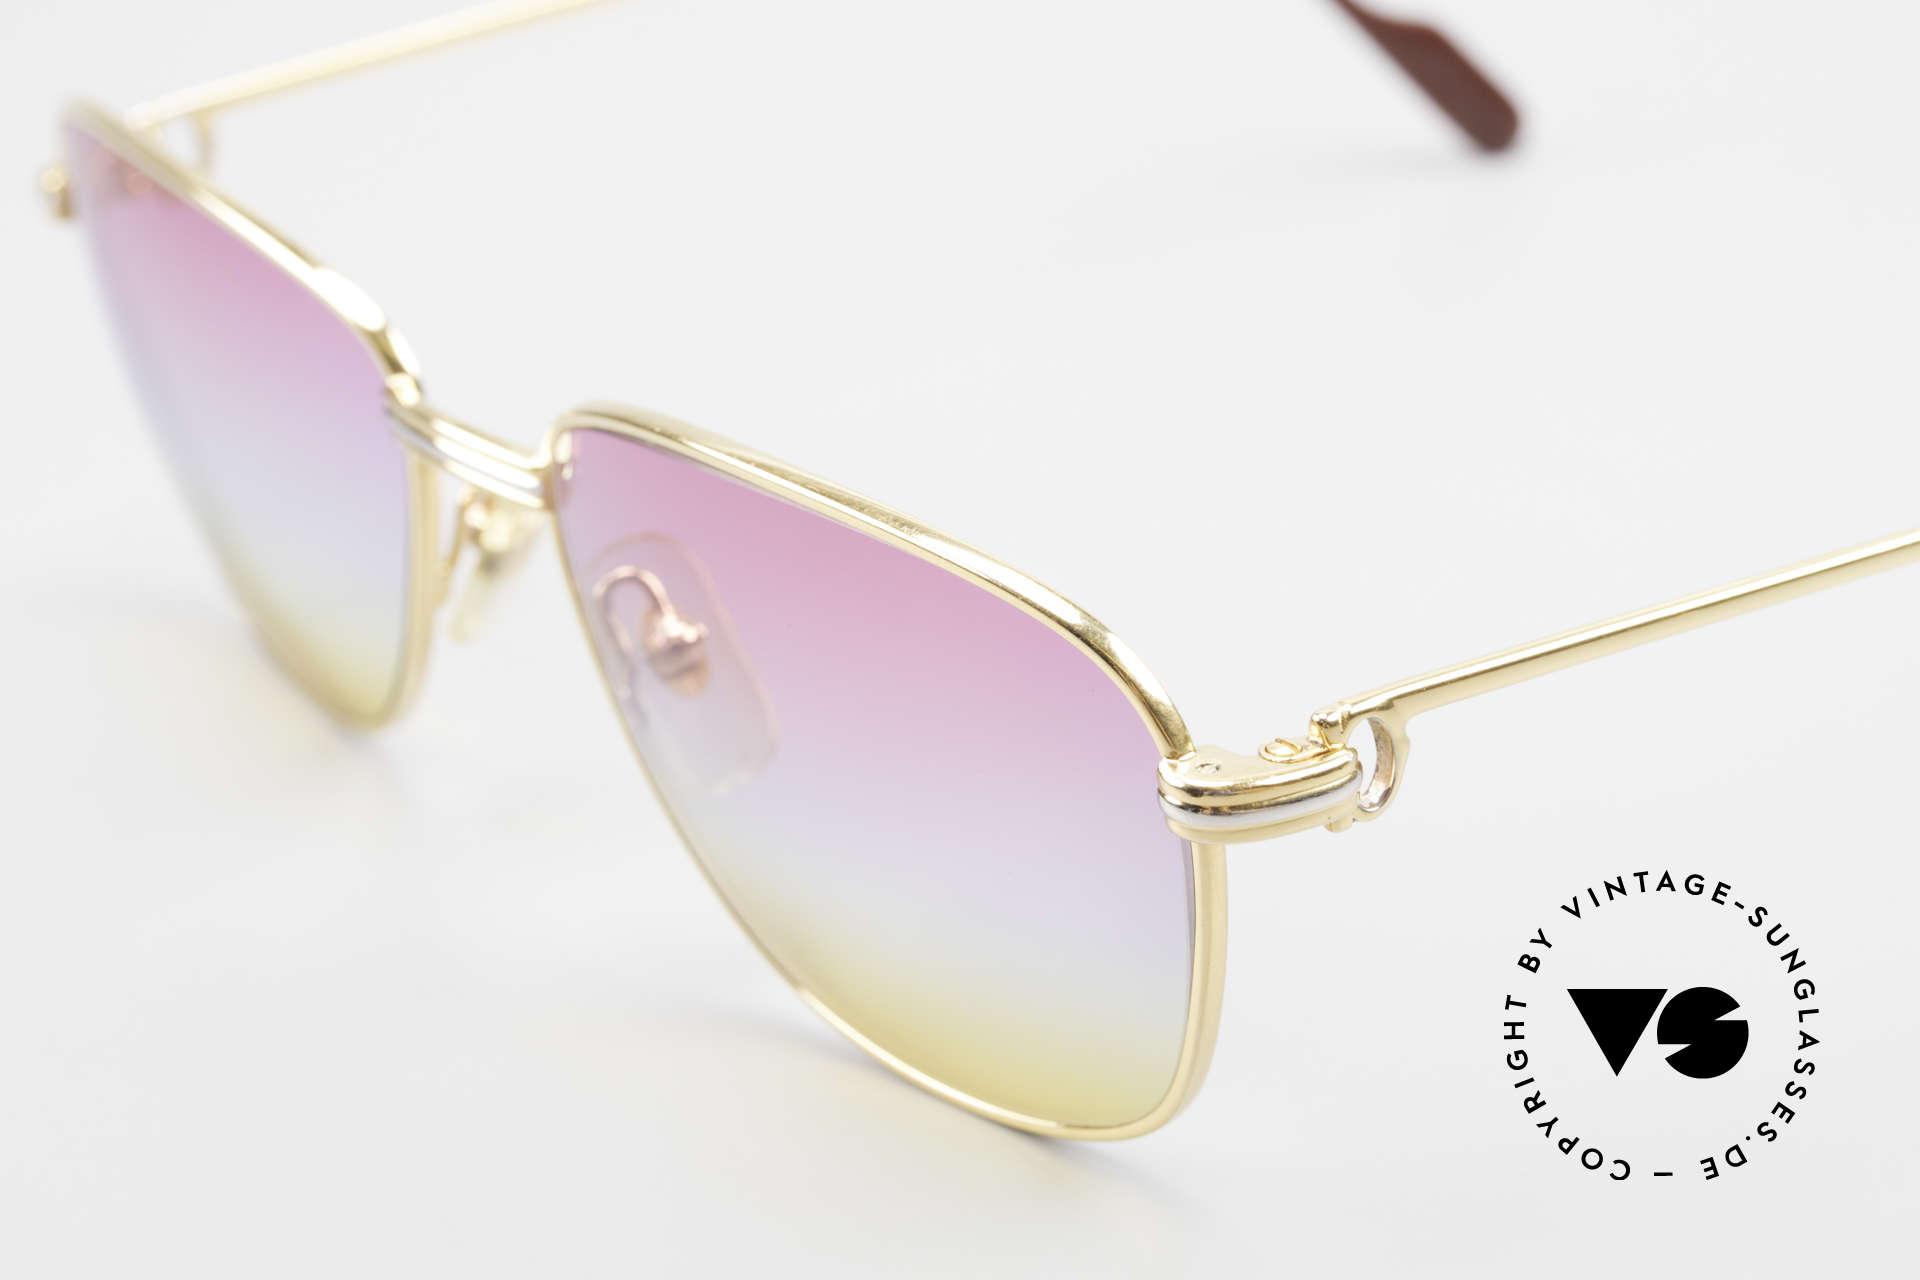 Cartier Courcelles 90er Luxus Sonnenbrille Unikat, 22kt vergoldet (wie alle vintage Cartier ORIGINALE), Passend für Herren und Damen